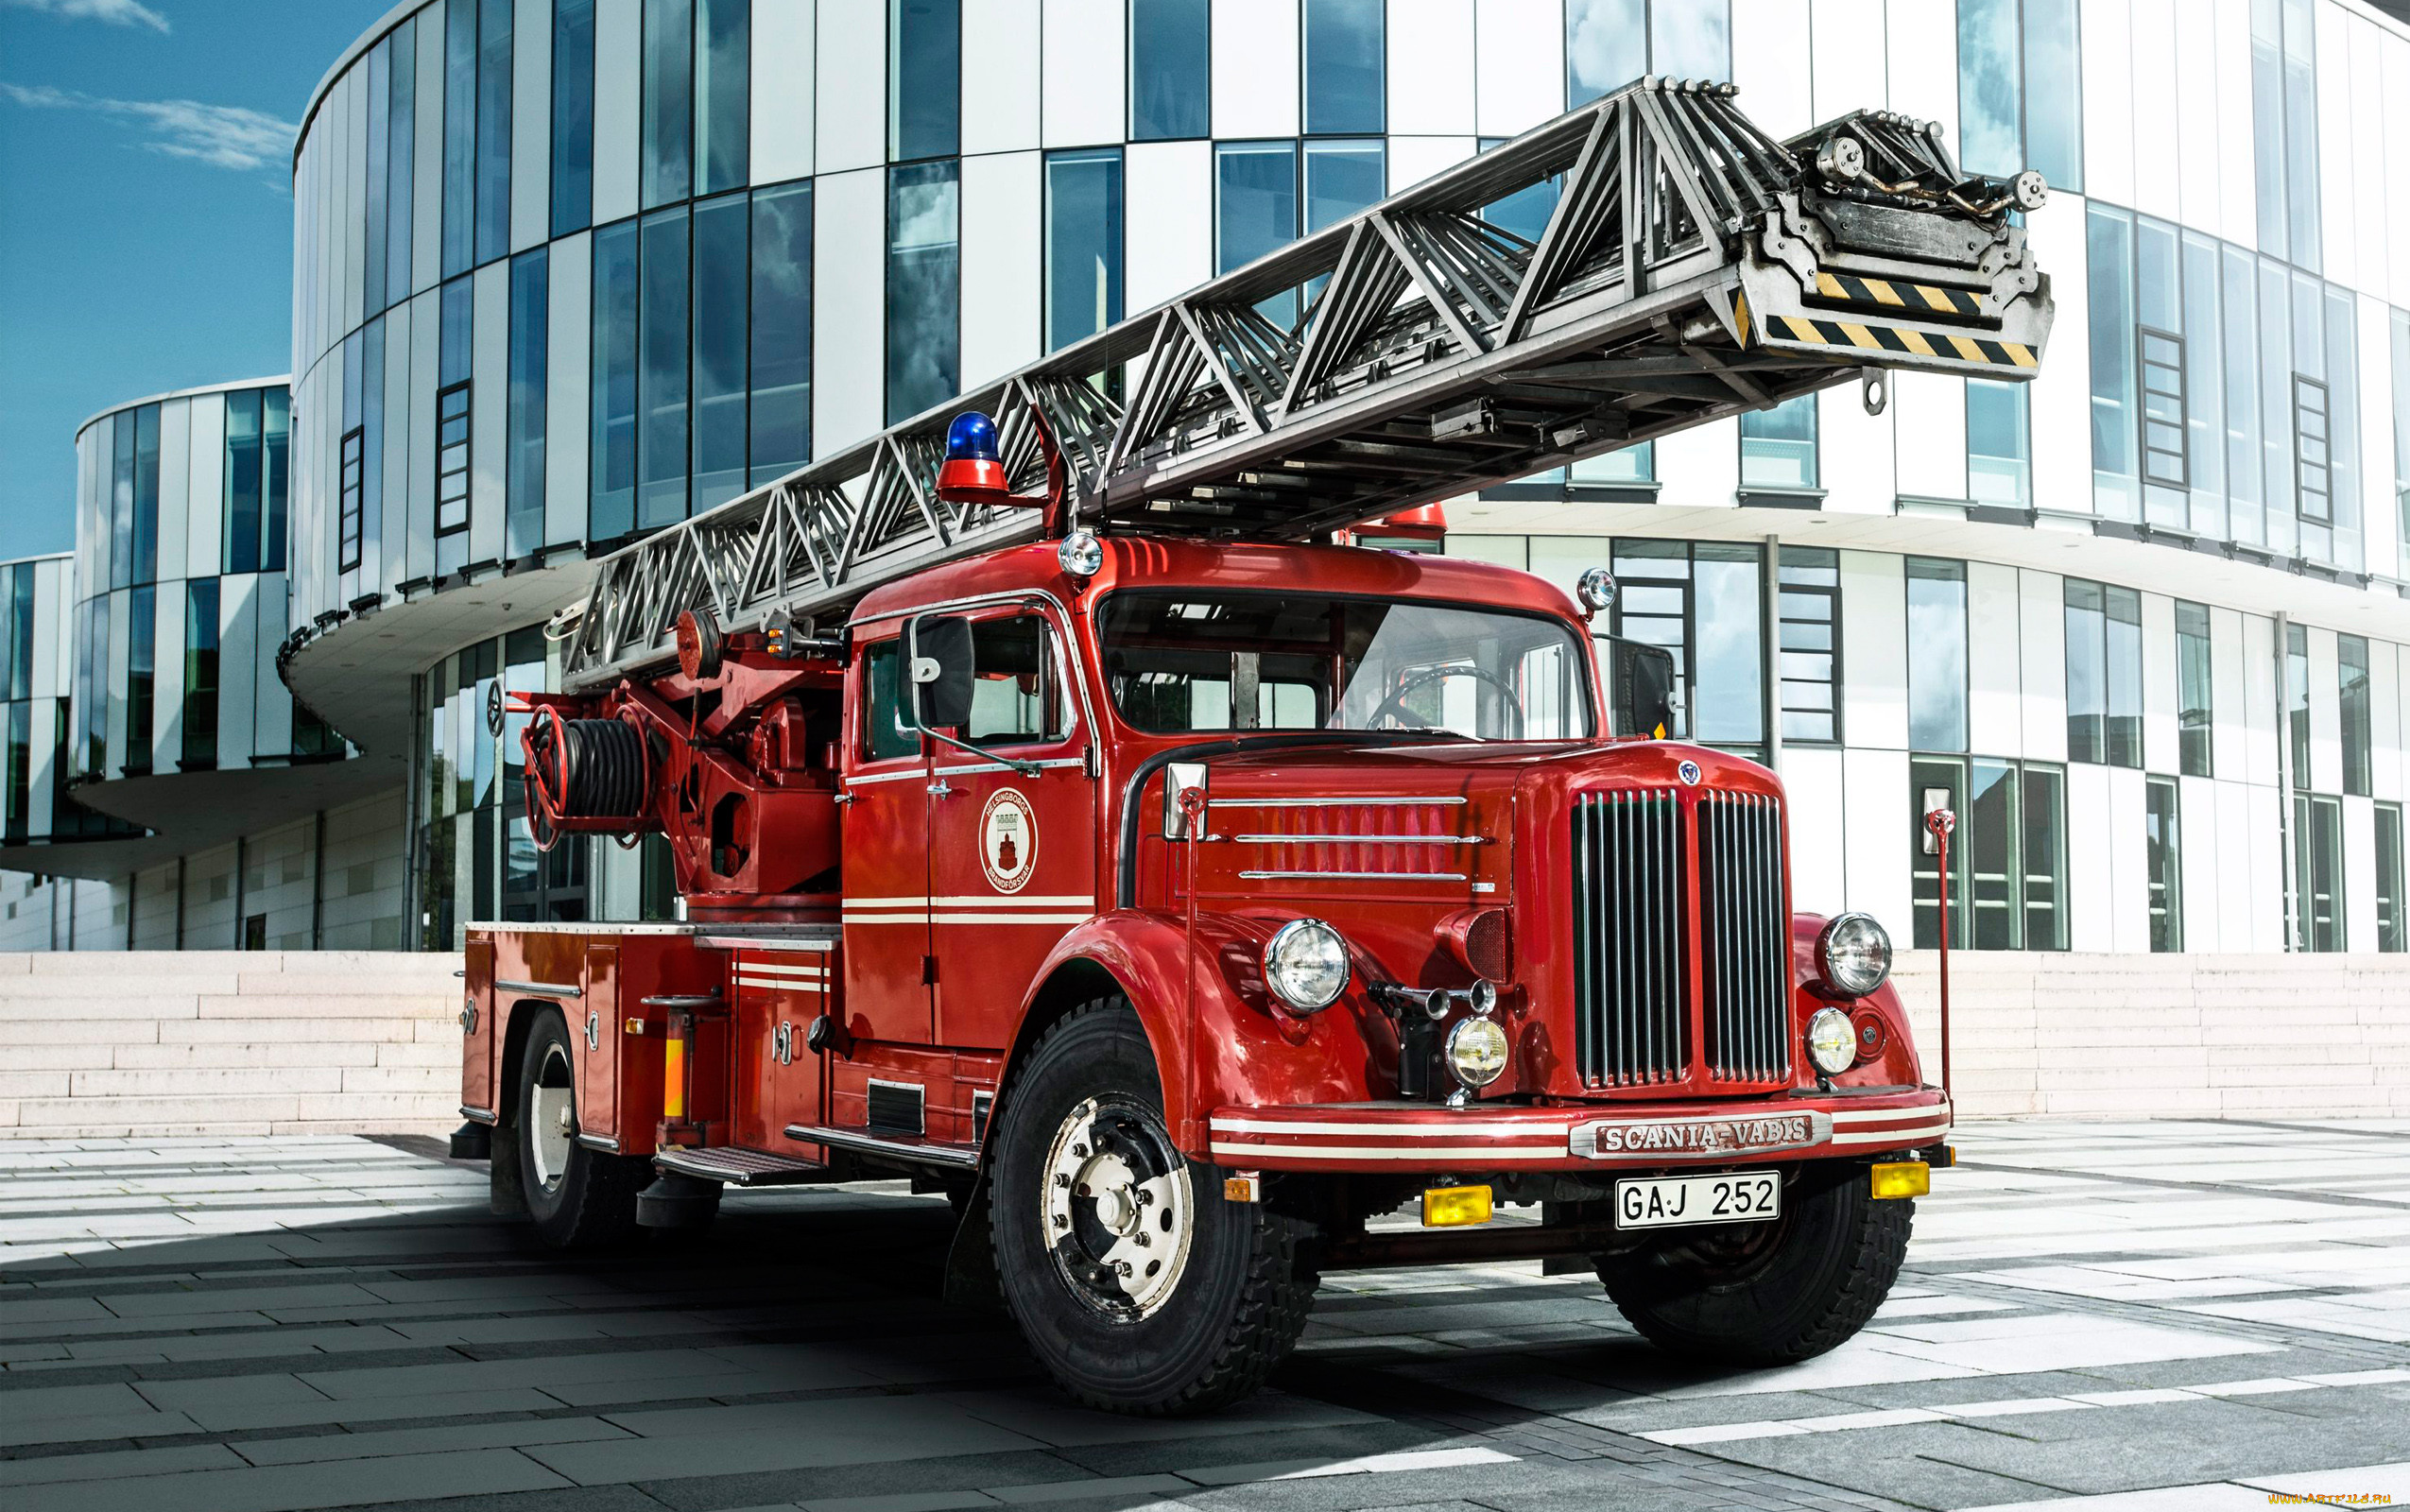 баня пожарная машина картинка номер россиянам доступен